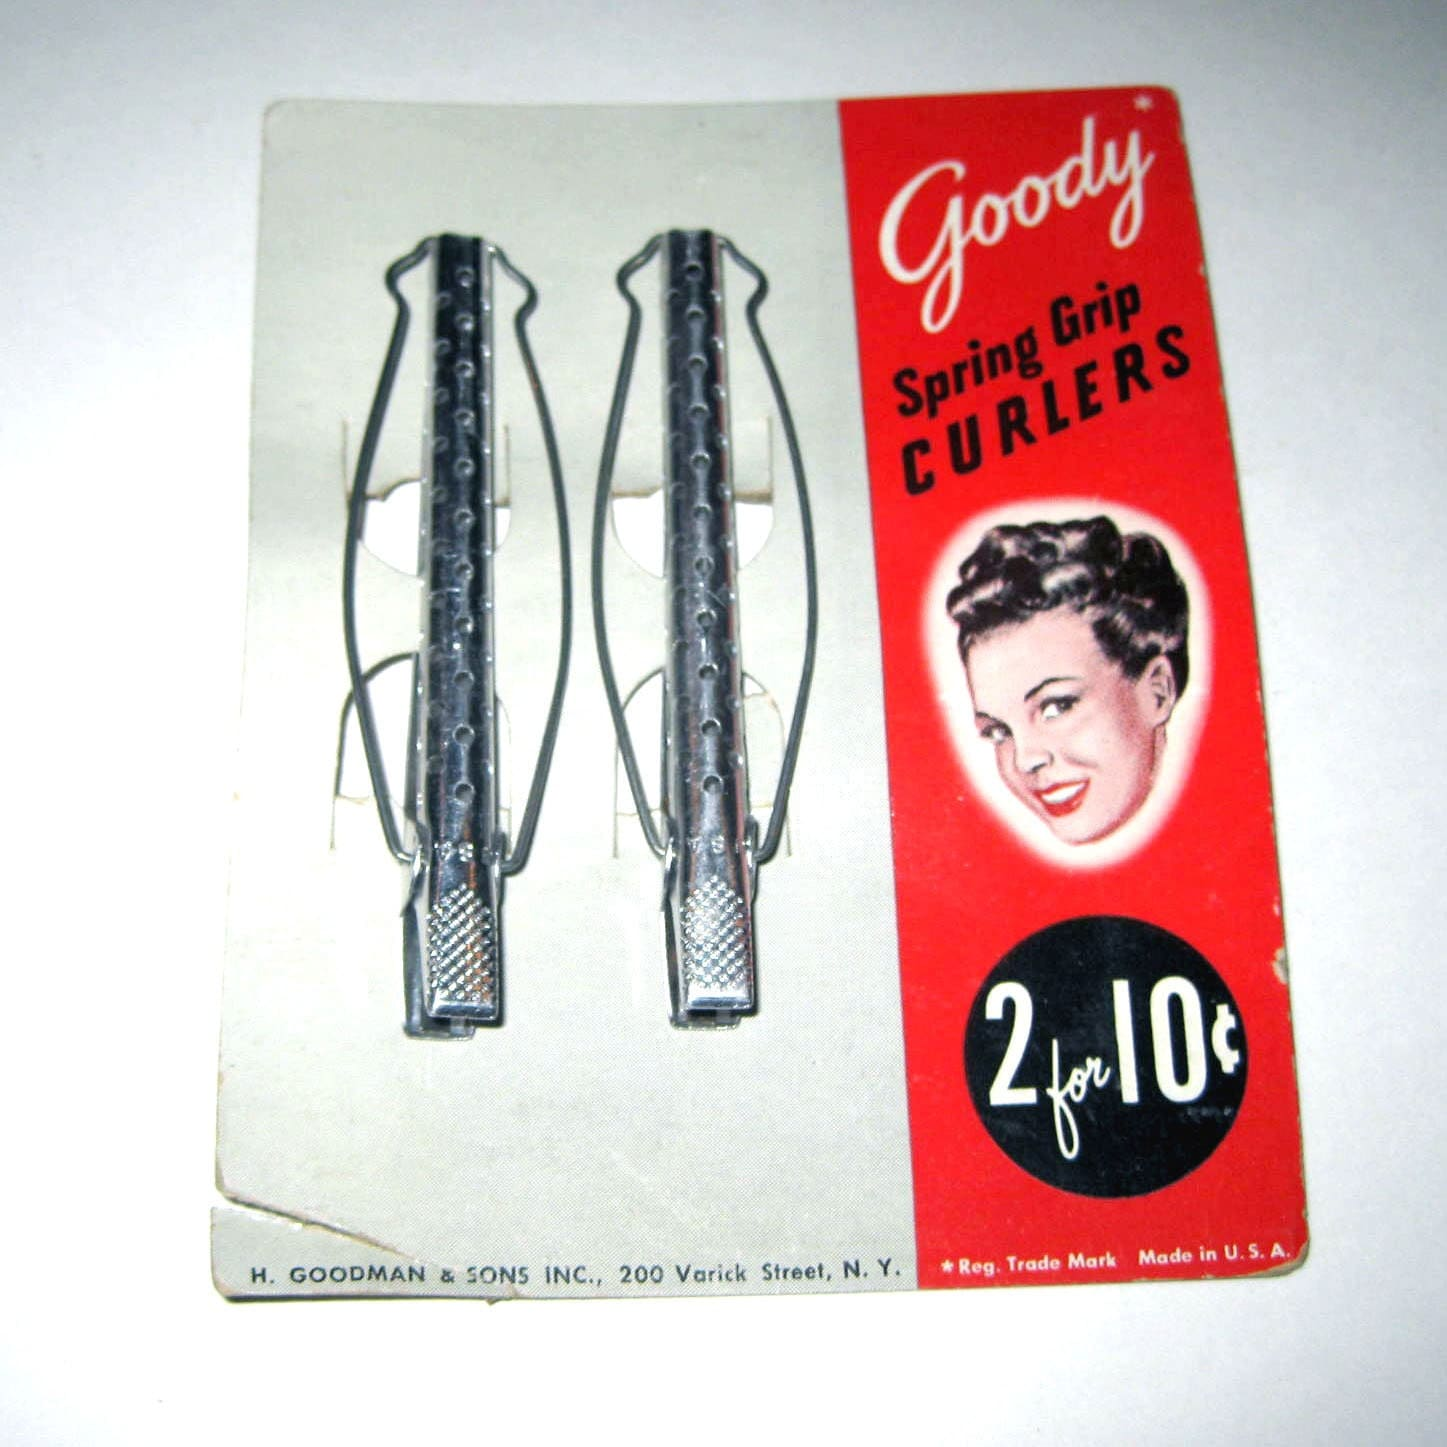 Vintage Goody Spring Grip Metal Hair Curlers on Original Card